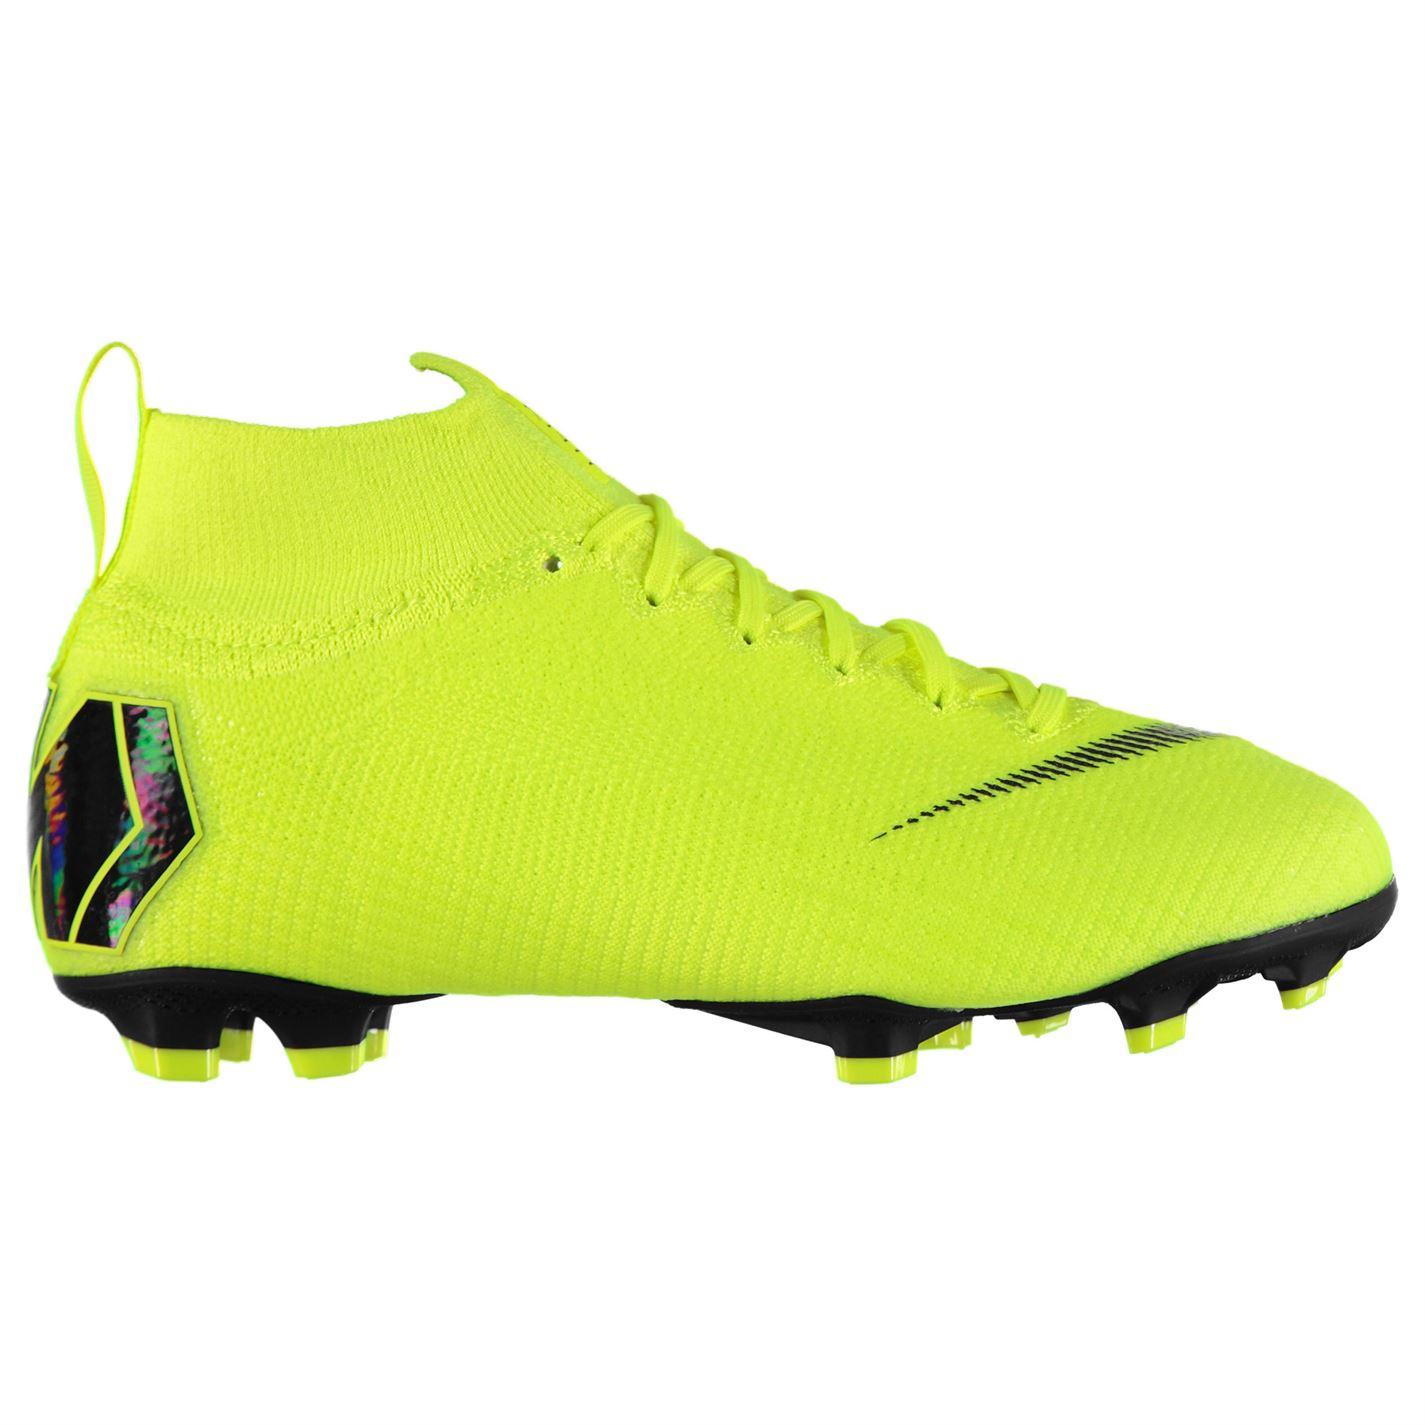 kopačky Nike Mercurial Superfly Elite DF detské FG